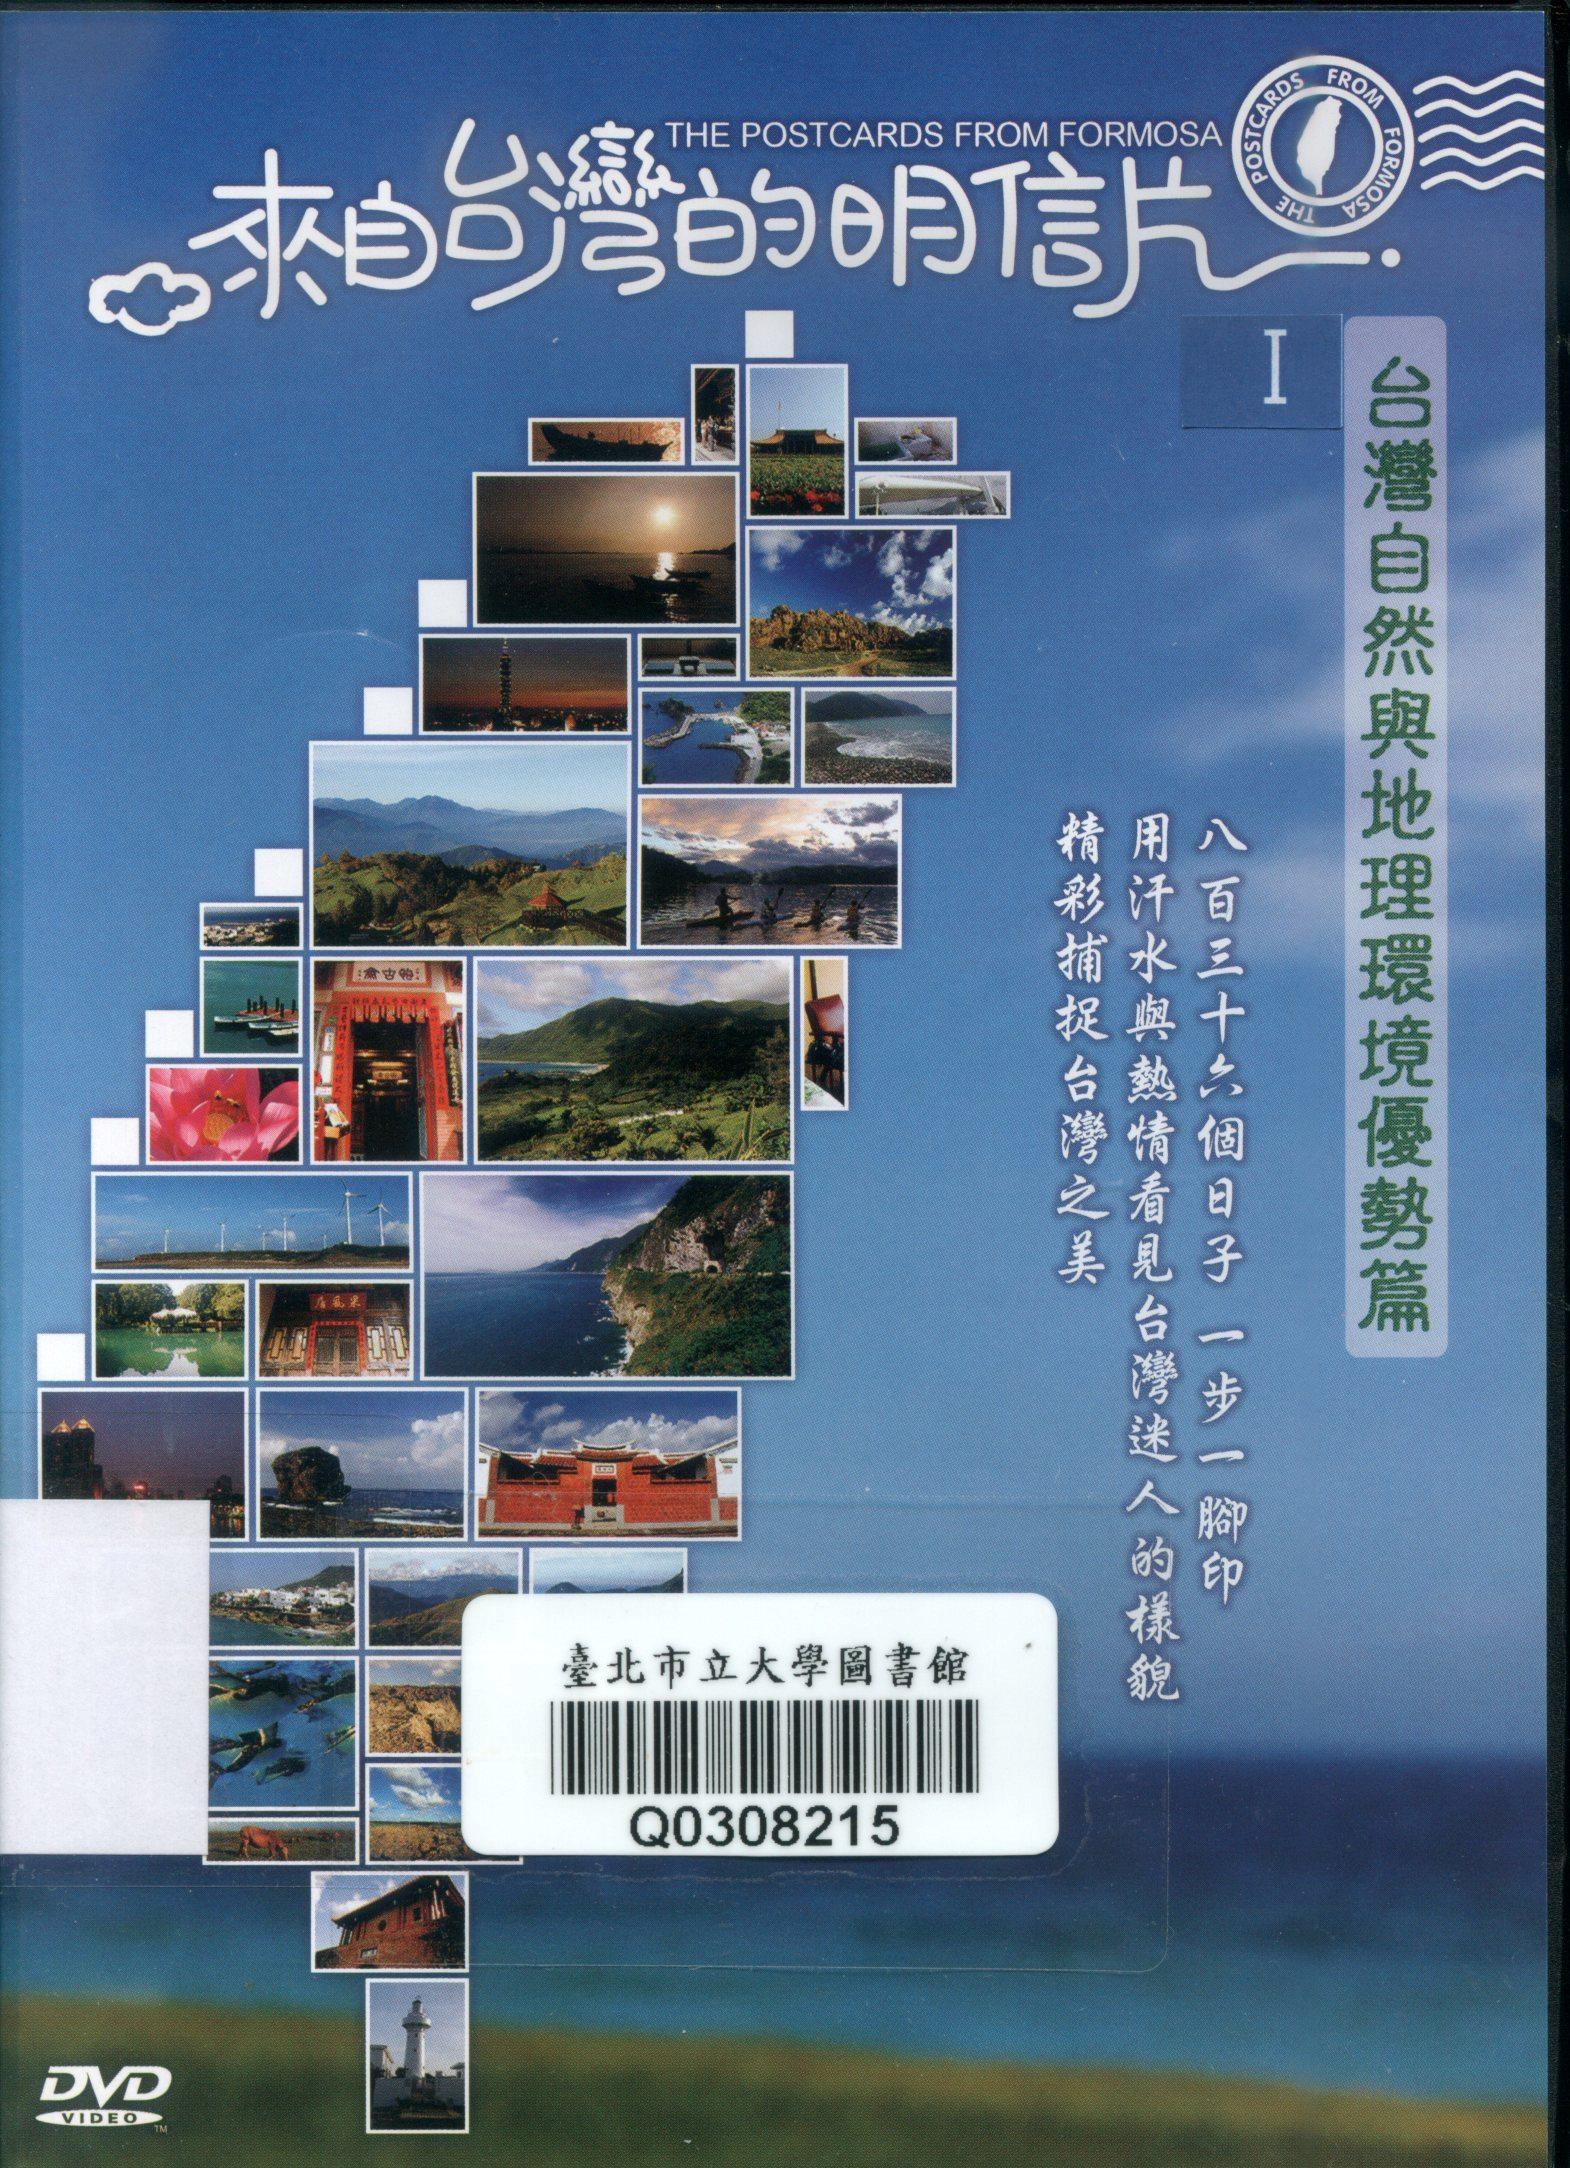 來自台灣的明信片III : 台灣人物速寫篇